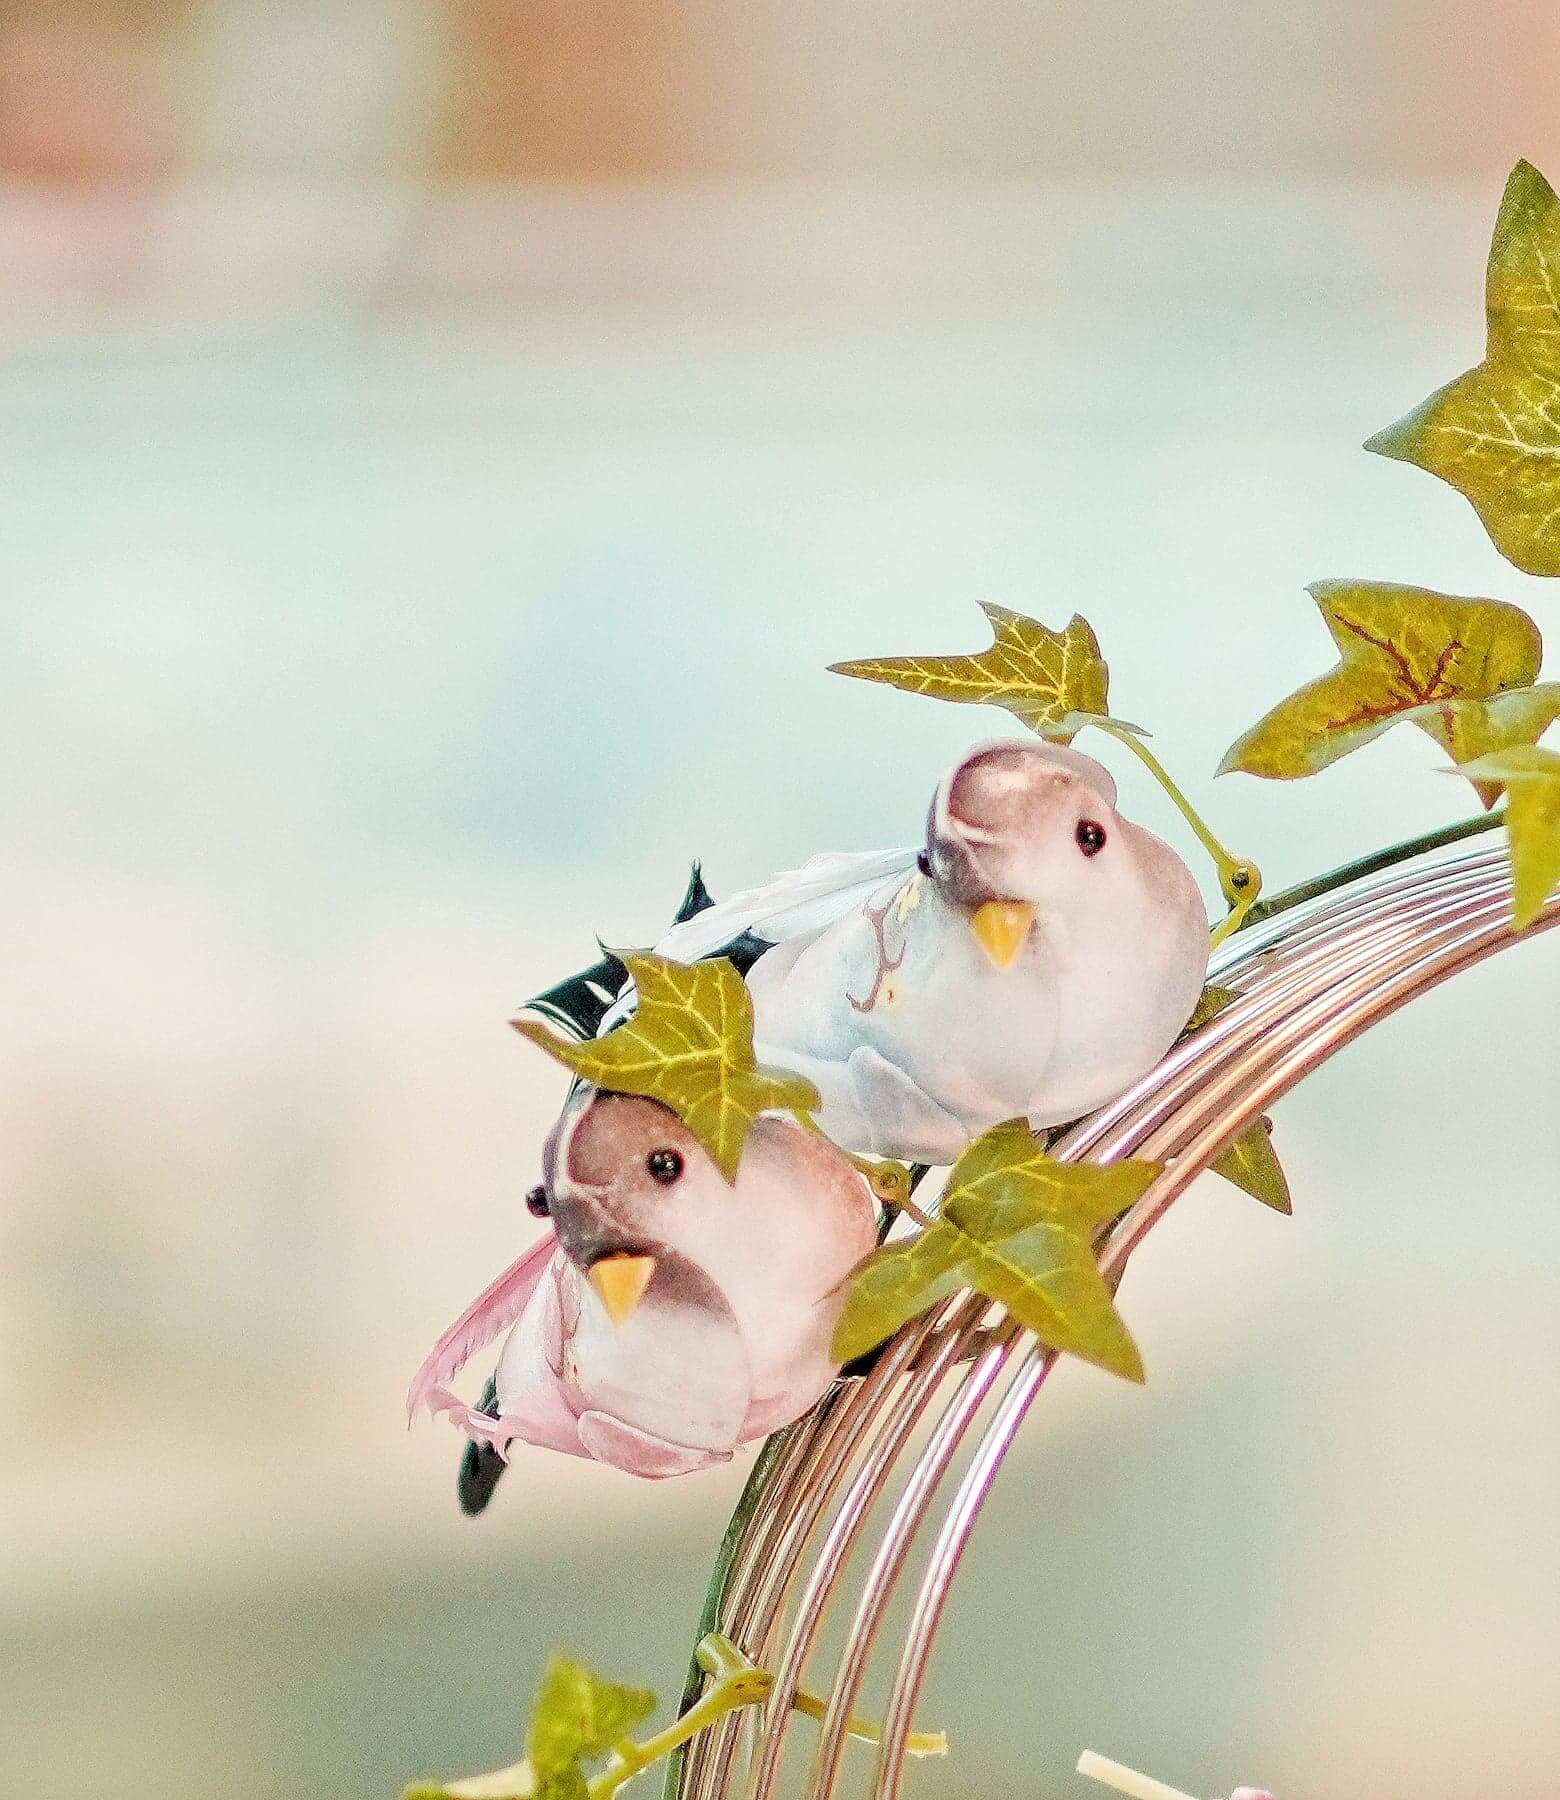 在三層架上嘅鳥兒裝飾,更突顯休閒感。